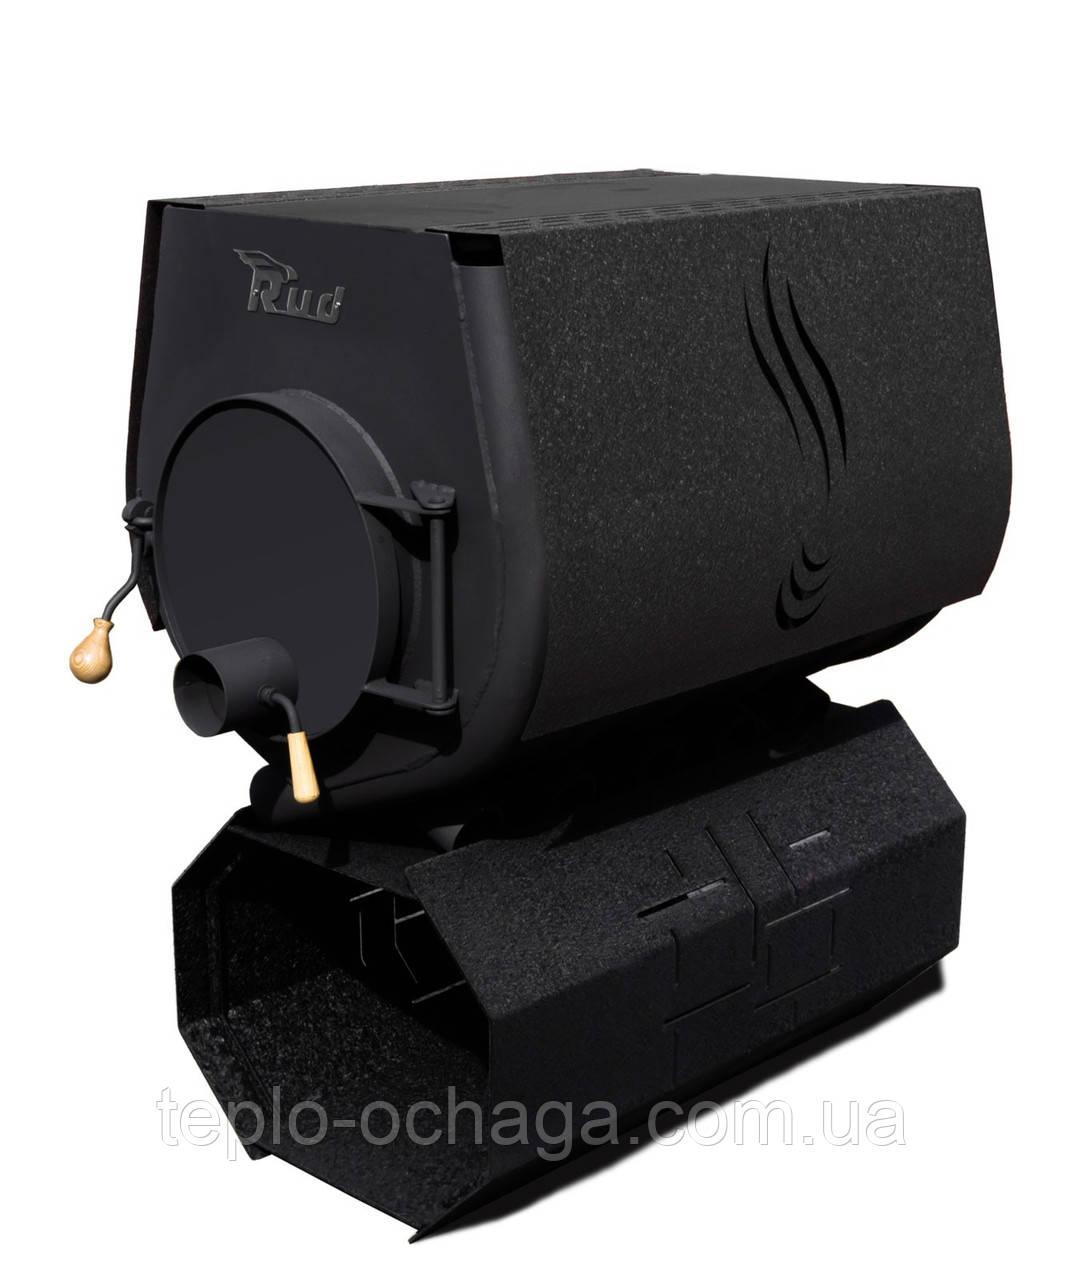 Конвекционная печь Rud Pyrotron Кантри 03 с варочной поверхностью обшивка декоративная (черная)